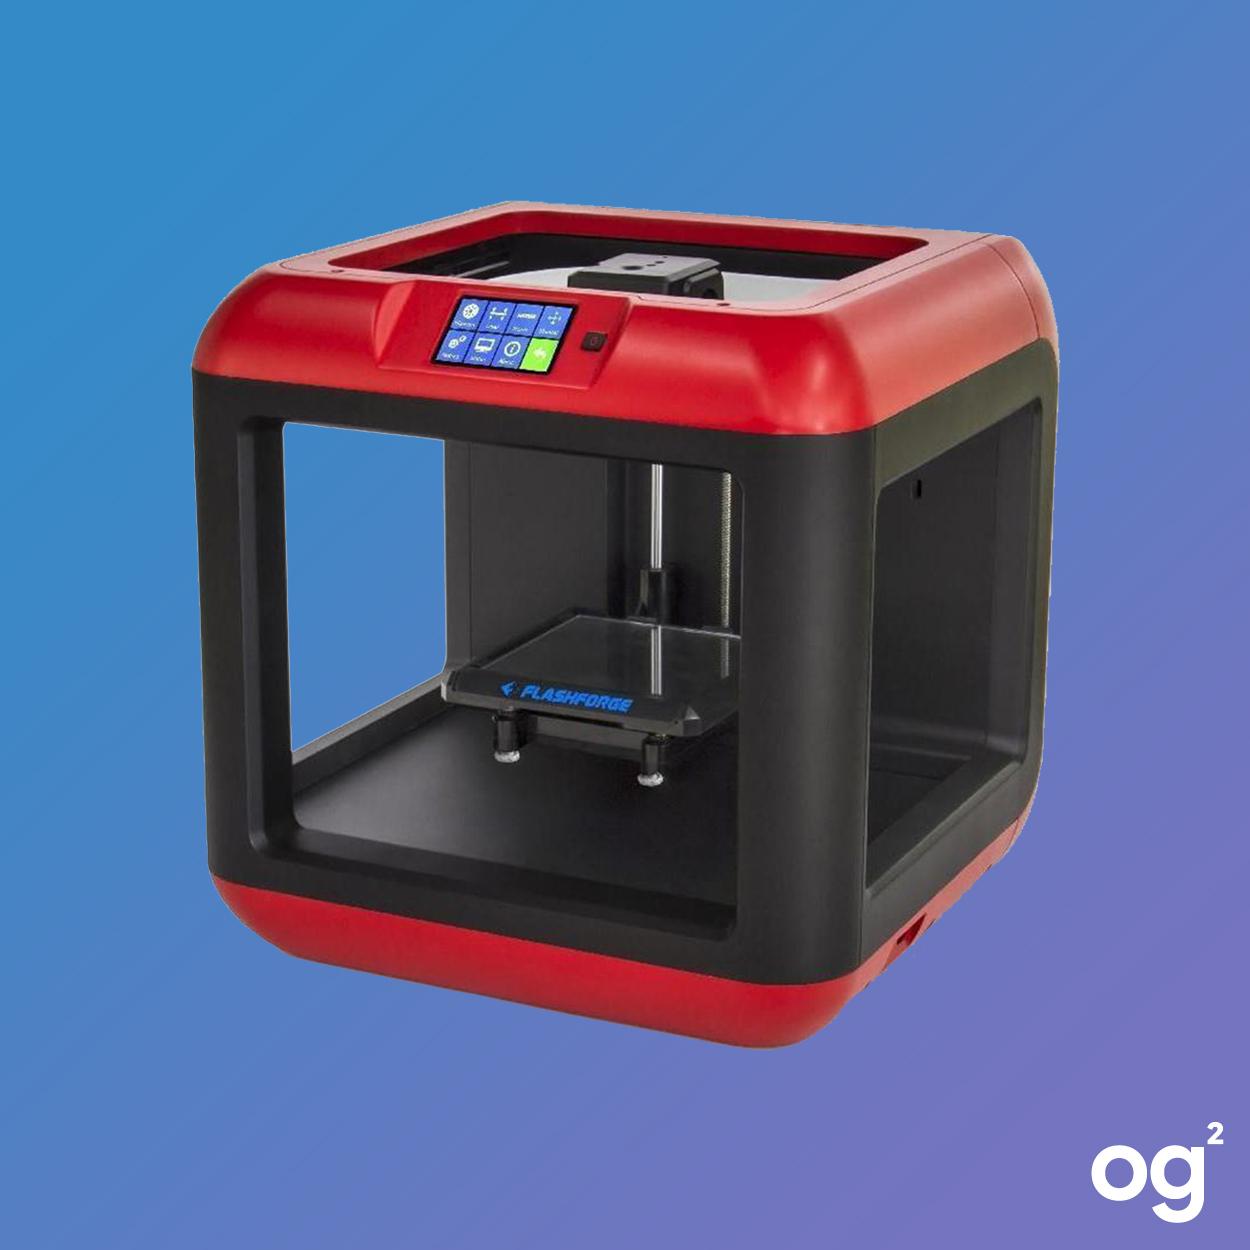 """3D-Drucker Flashforge Finder (UK-Händler, Schmelzschichtung, 140x140x140mm Druckgröße, 100-400µm Layerstärke, 0.4mm Düse, USB, WLAN, 3.5"""")"""